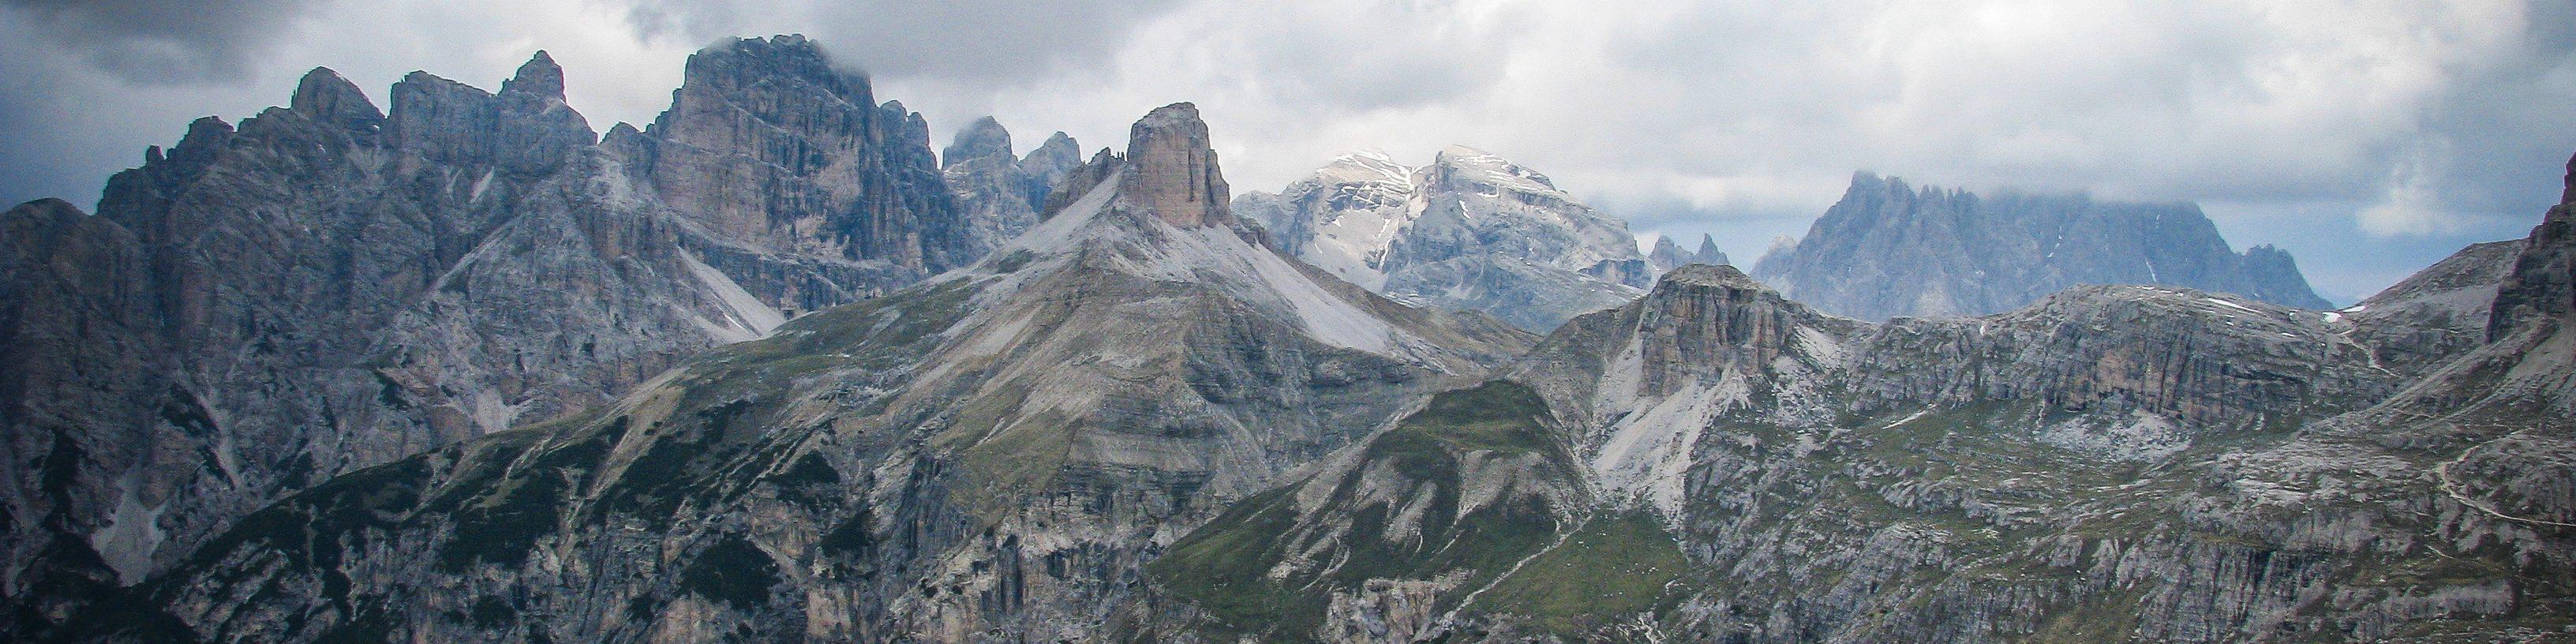 Евротур #3. Ч.9. Доломитовые Альпы. Тре Чиме ди Лаваредо.